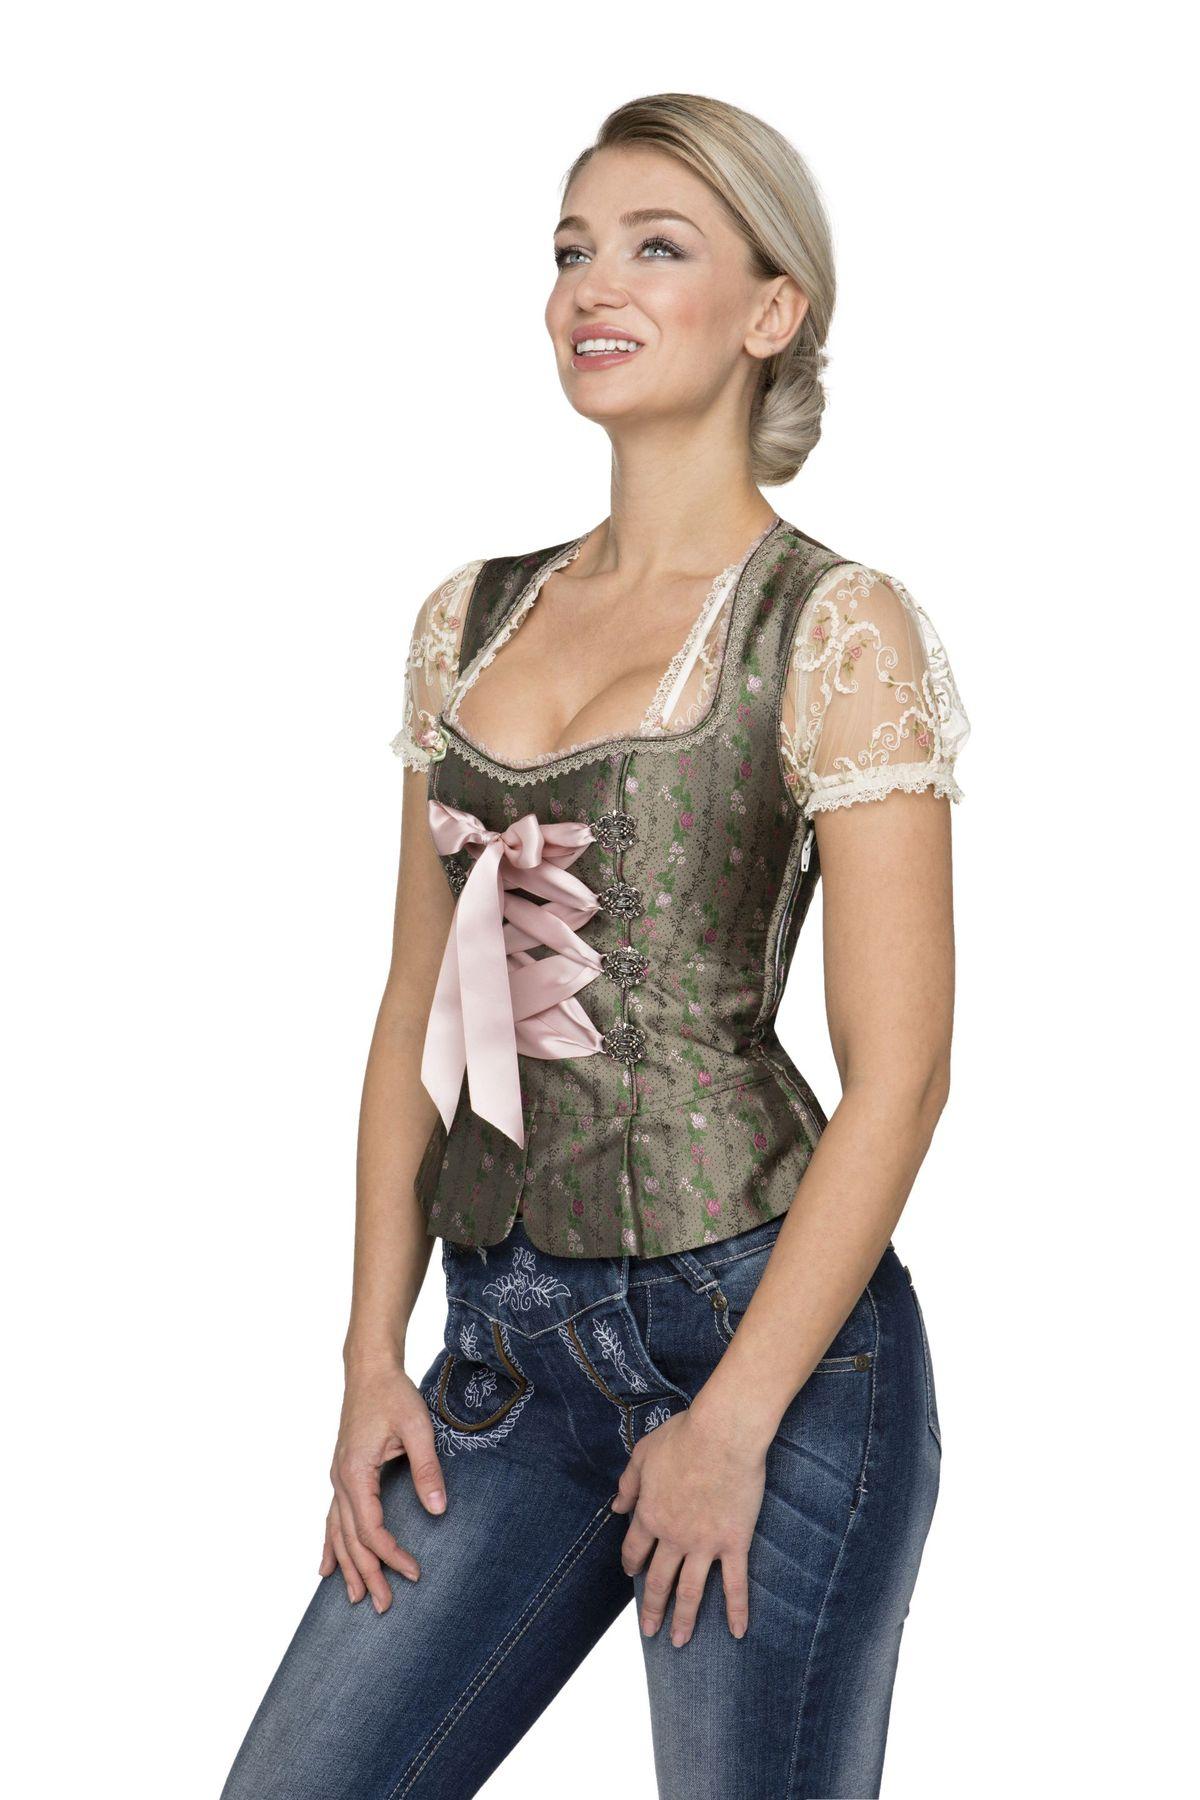 Stockerpoint - Damen Trachten Mieder, Brooke bronze – Bild 6